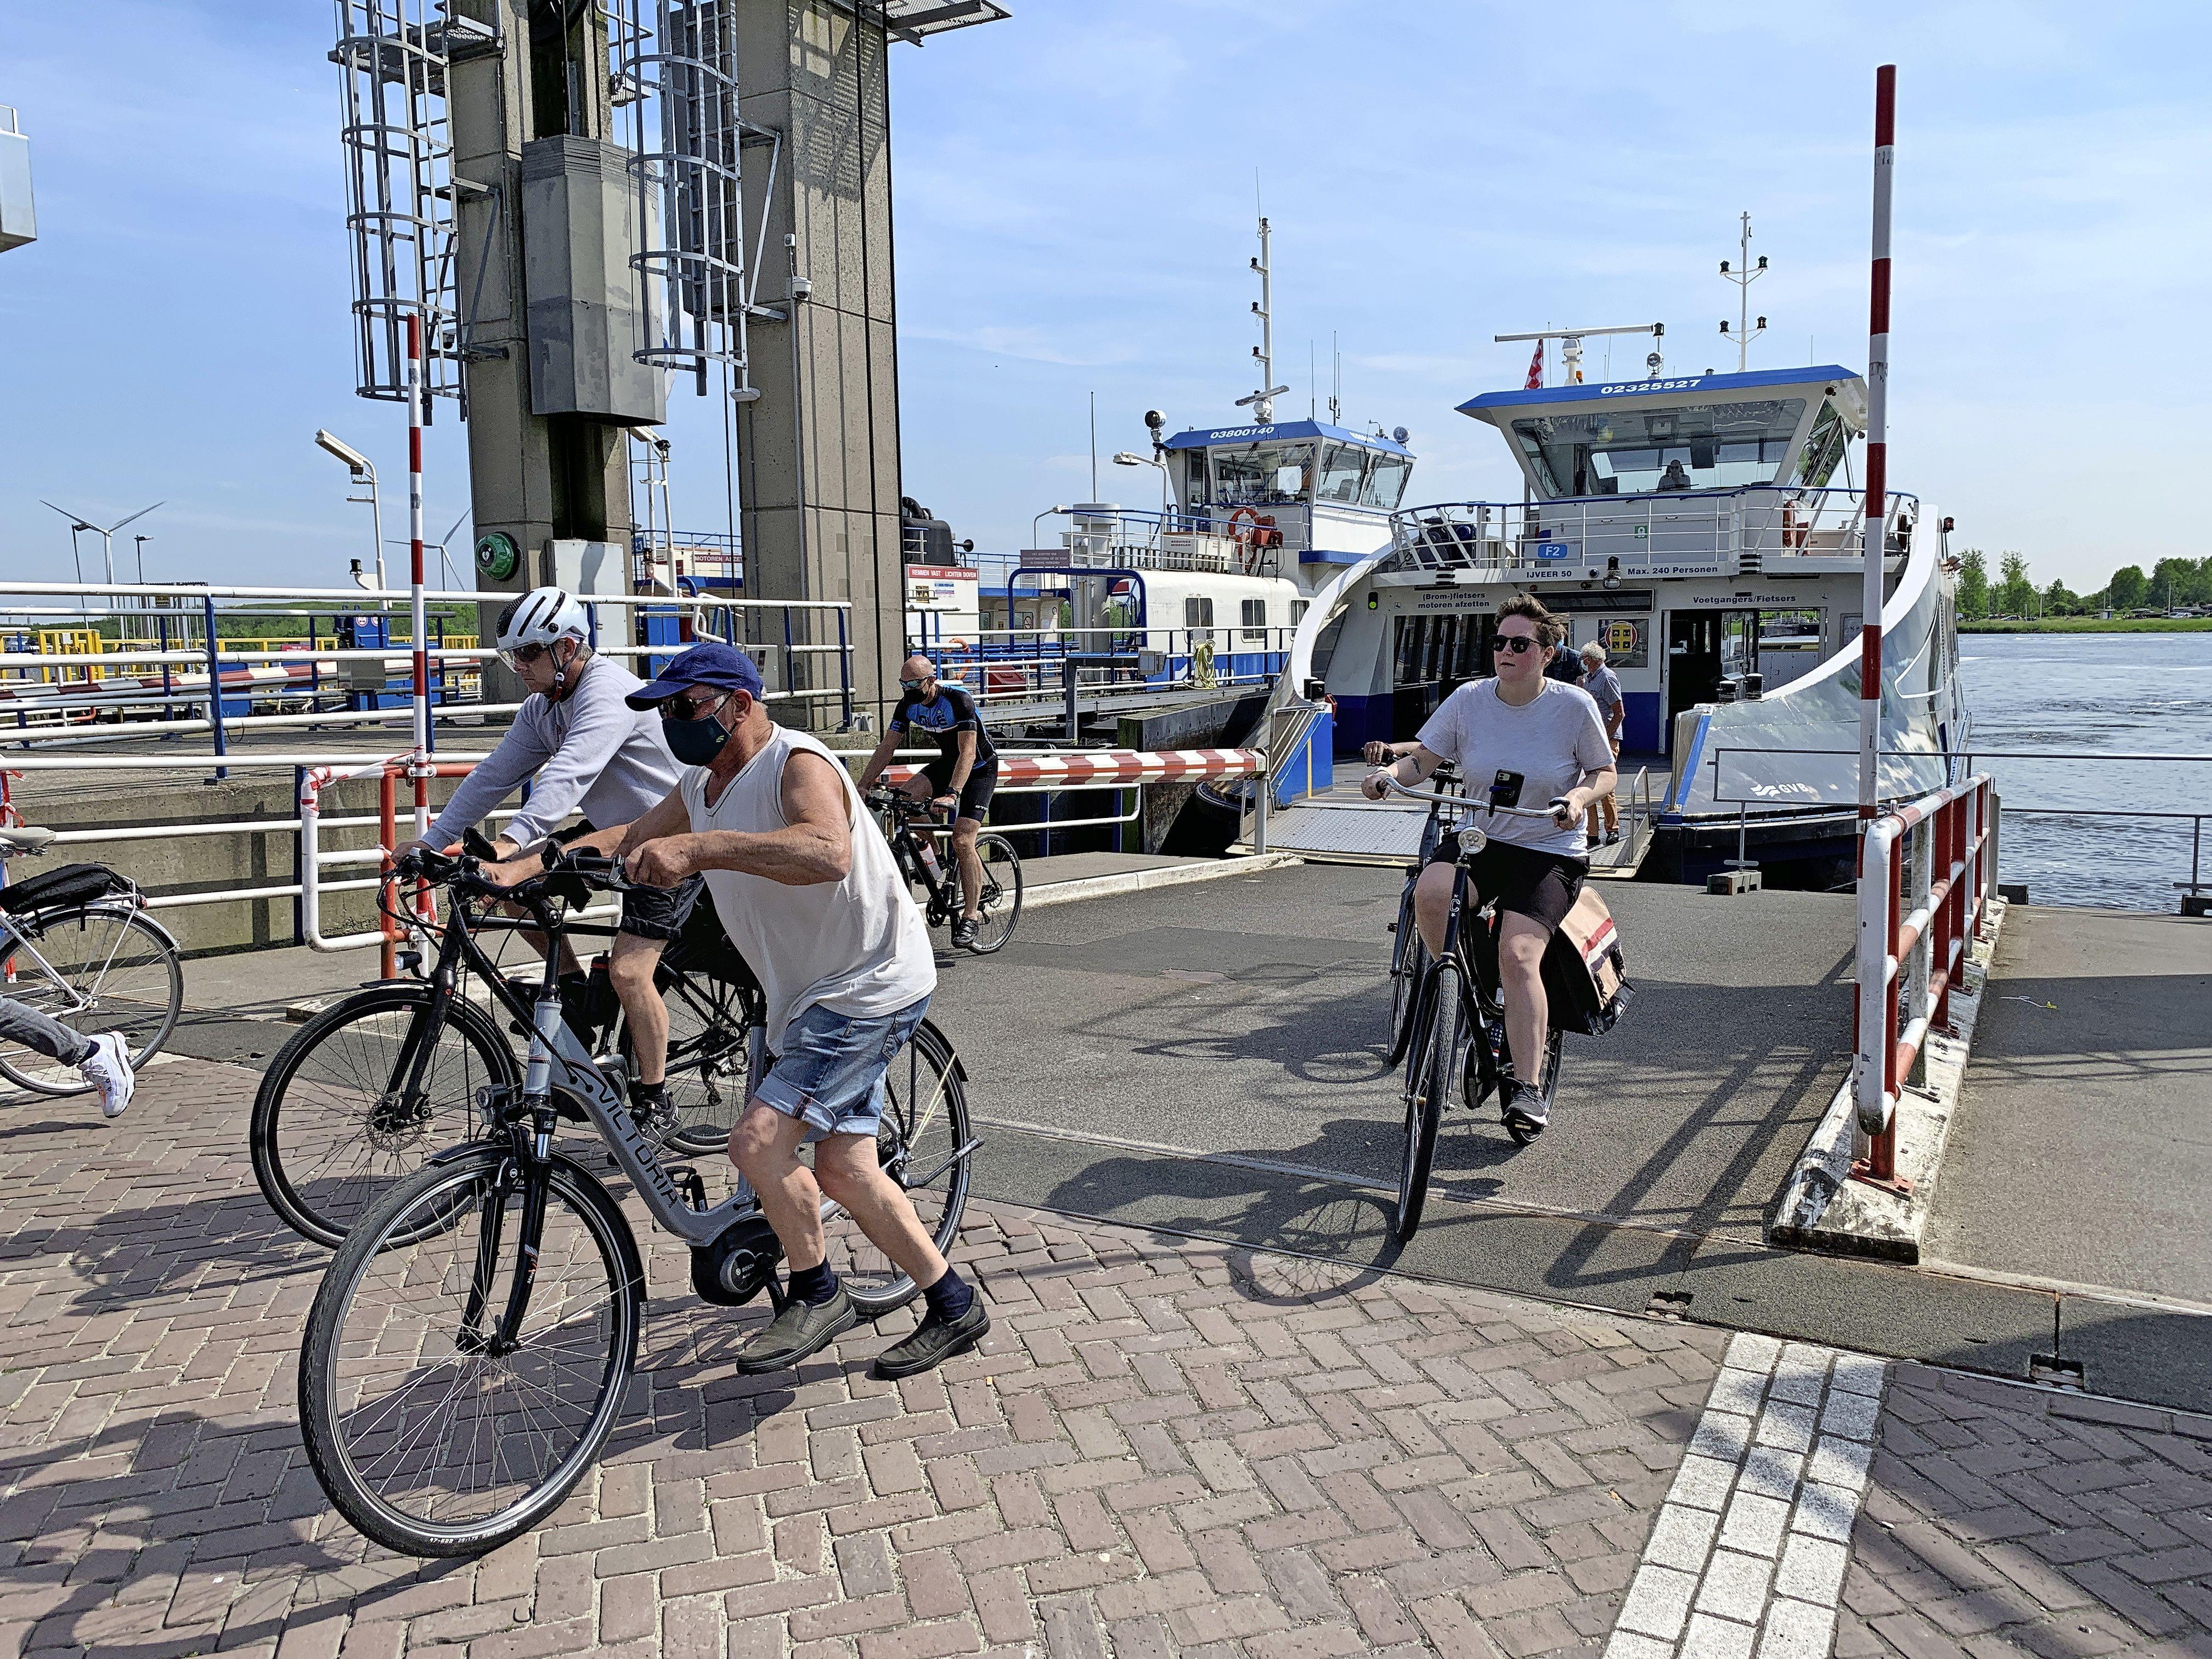 Pontperikelen op het Noordzeekanaal: Buitenhuizer pont keert vanaf woensdagavond terug